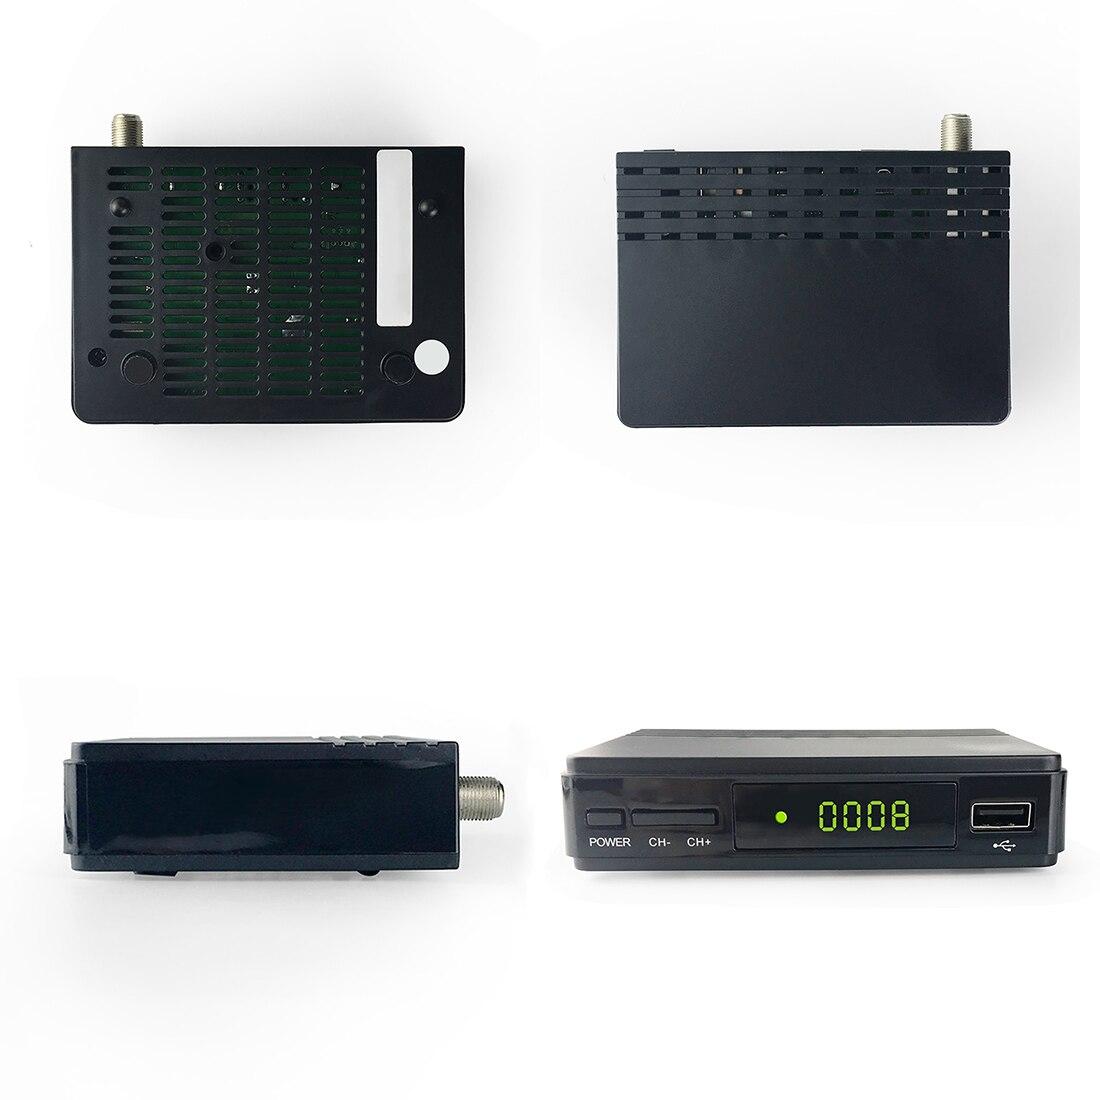 Récepteur TV Satellite décodeur Freesat V7S HD DVB-S2 + récepteur USB Wfi avec 5 lignes prise en charge du compte Europe Cline Powervu